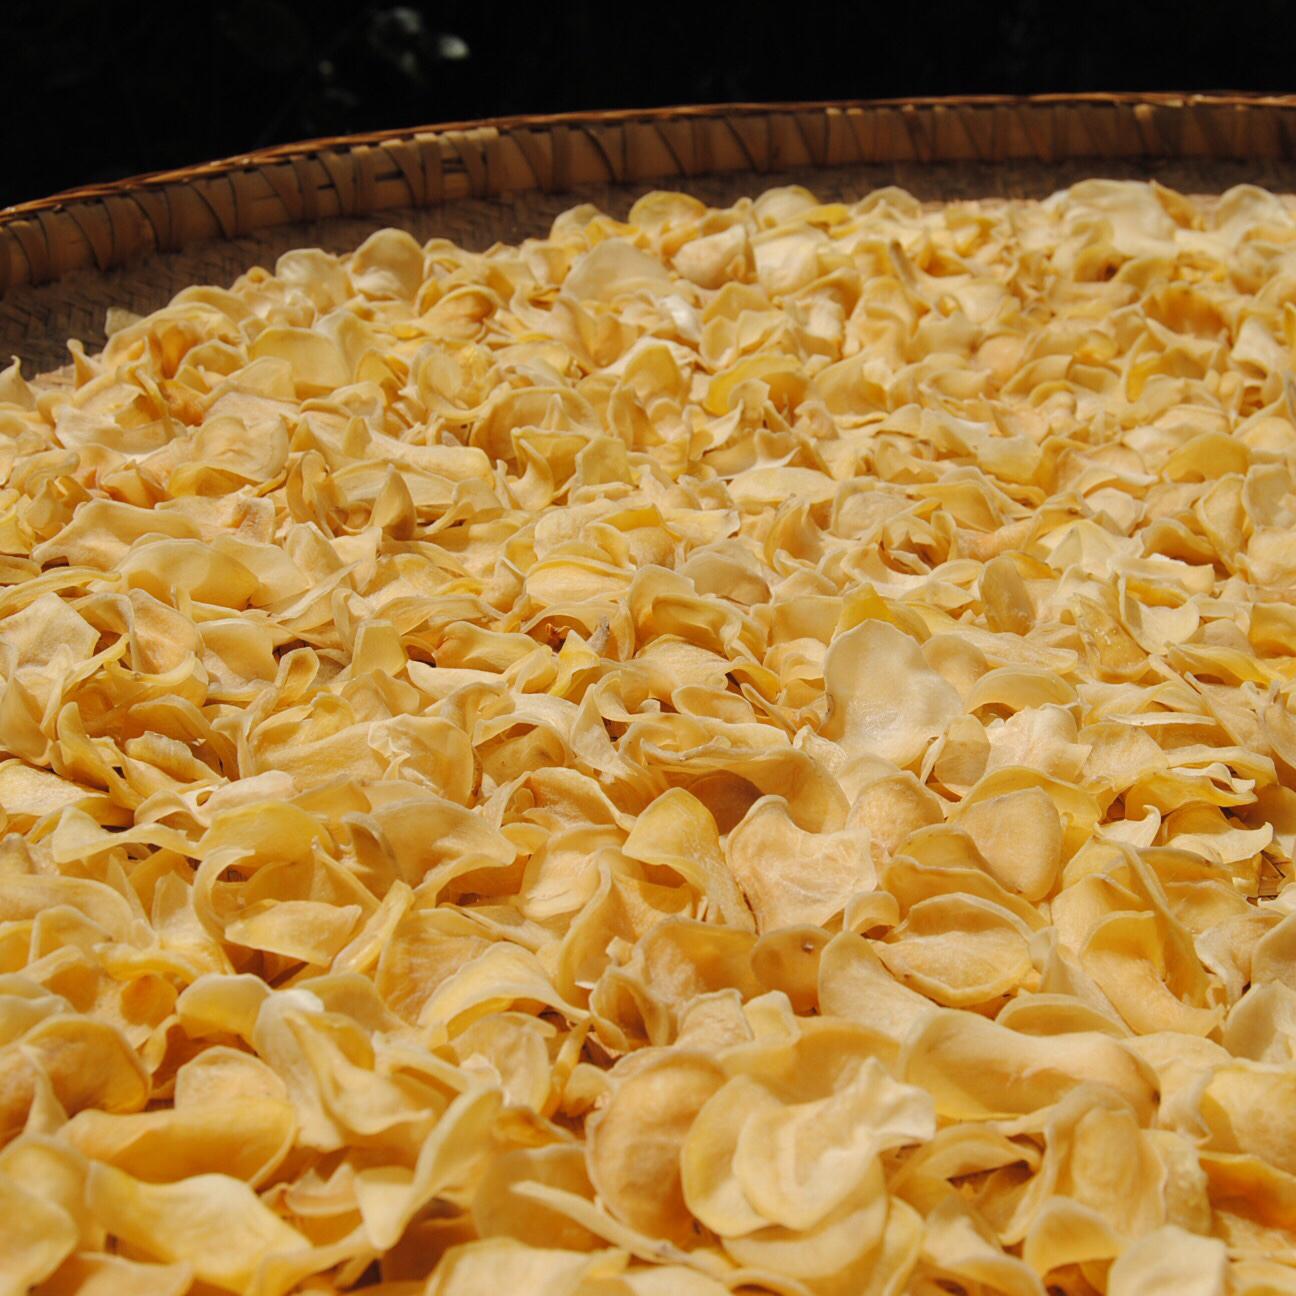 250g 洋芋片 恩施土特产干土豆片 农家手工自制干洋芋片 份包邮 3